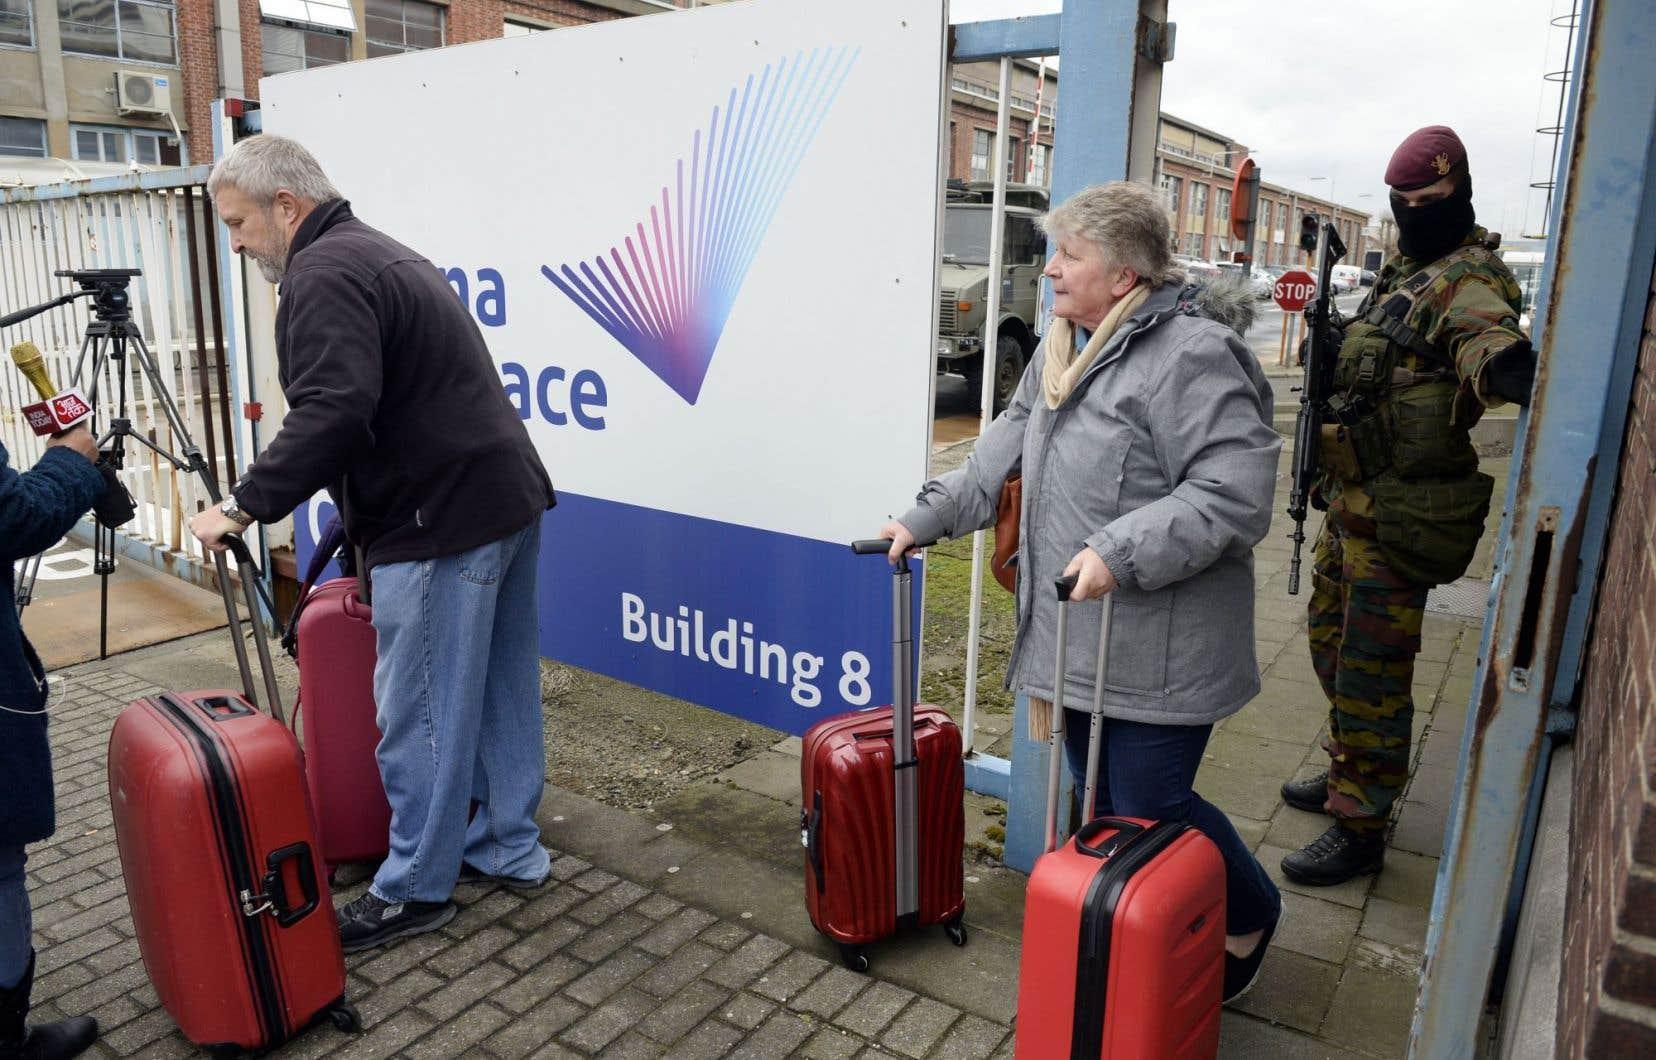 Des rescapés de l'attaque terroriste à l'aéroport Zaventem et dans un wagon du métro de Bruxelles le 22 mars 2016, ayant fait 35 morts et plus de 200 blessés